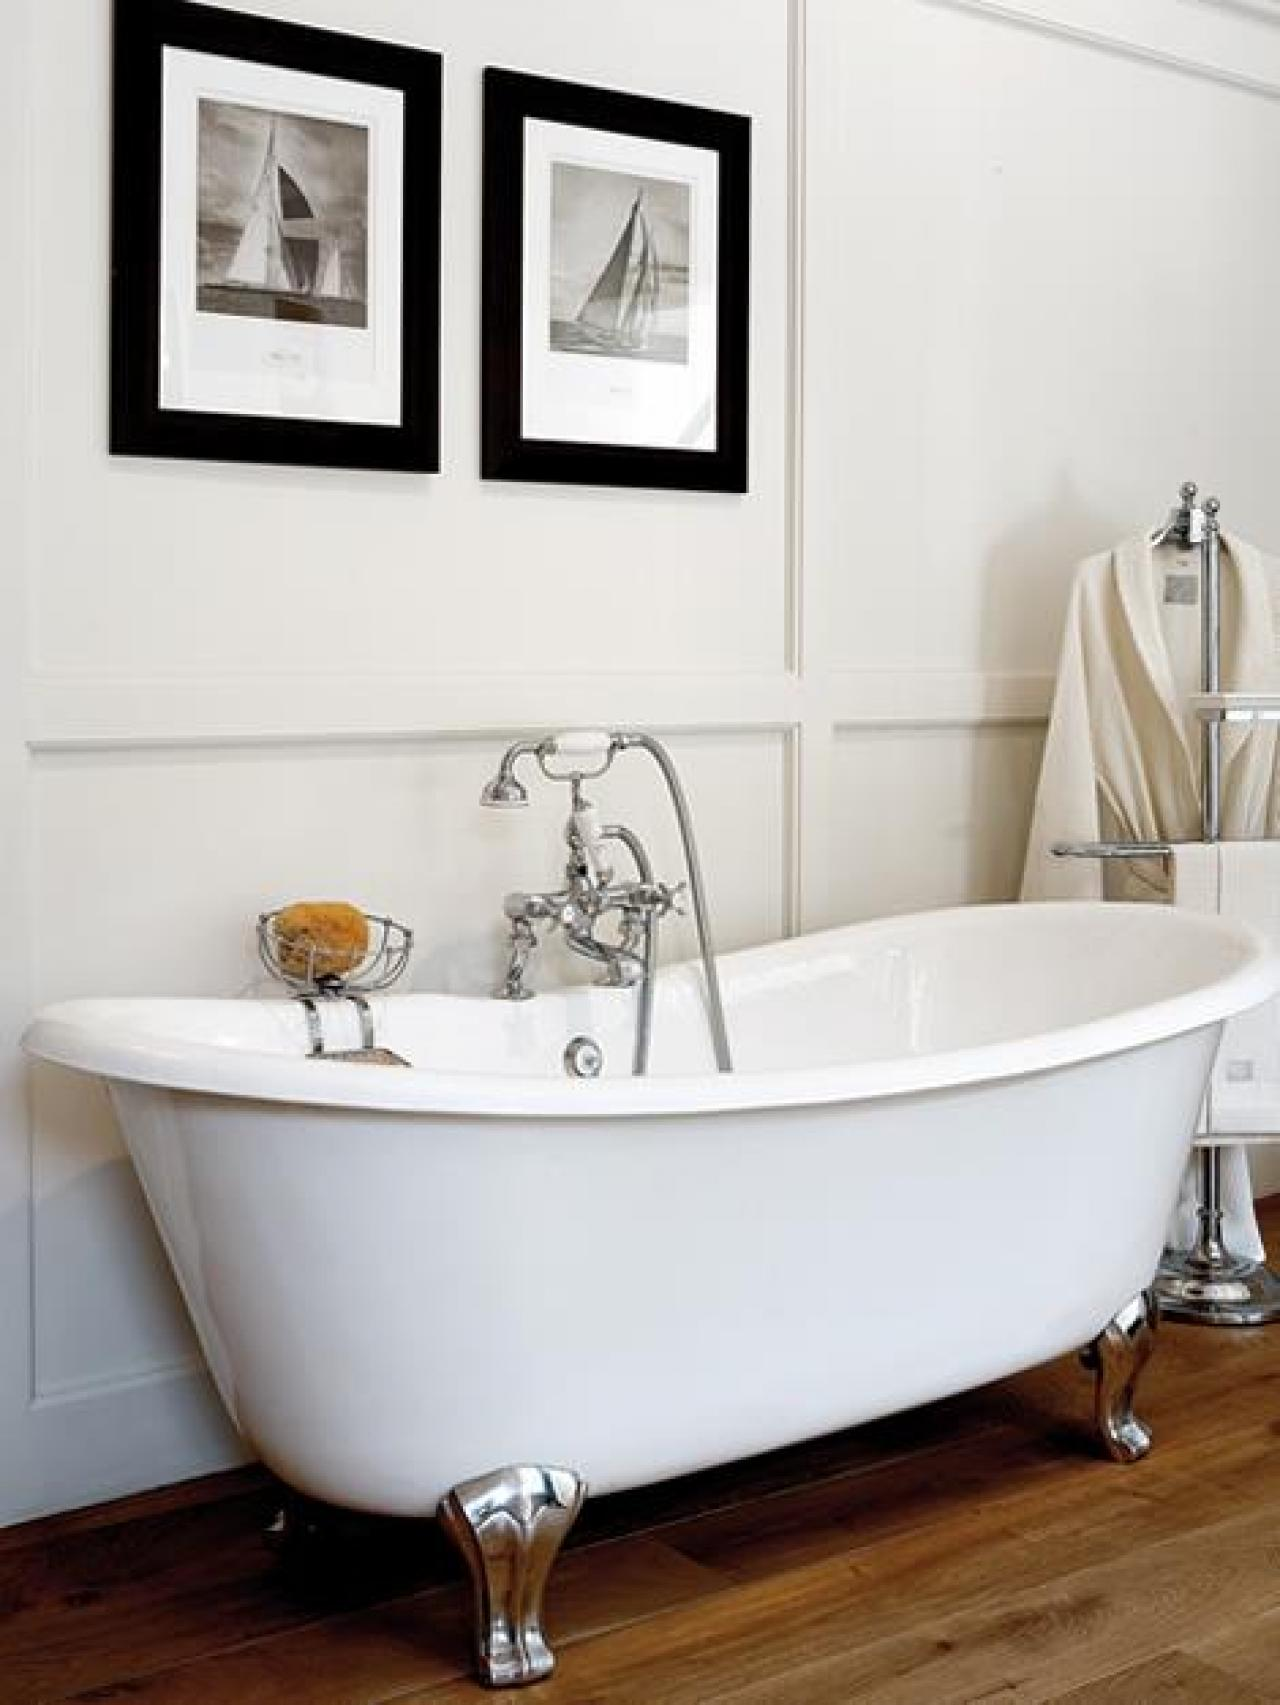 La vasca da bagno a vicenza fratelli pellizzari - Vasca da bagno in inglese ...